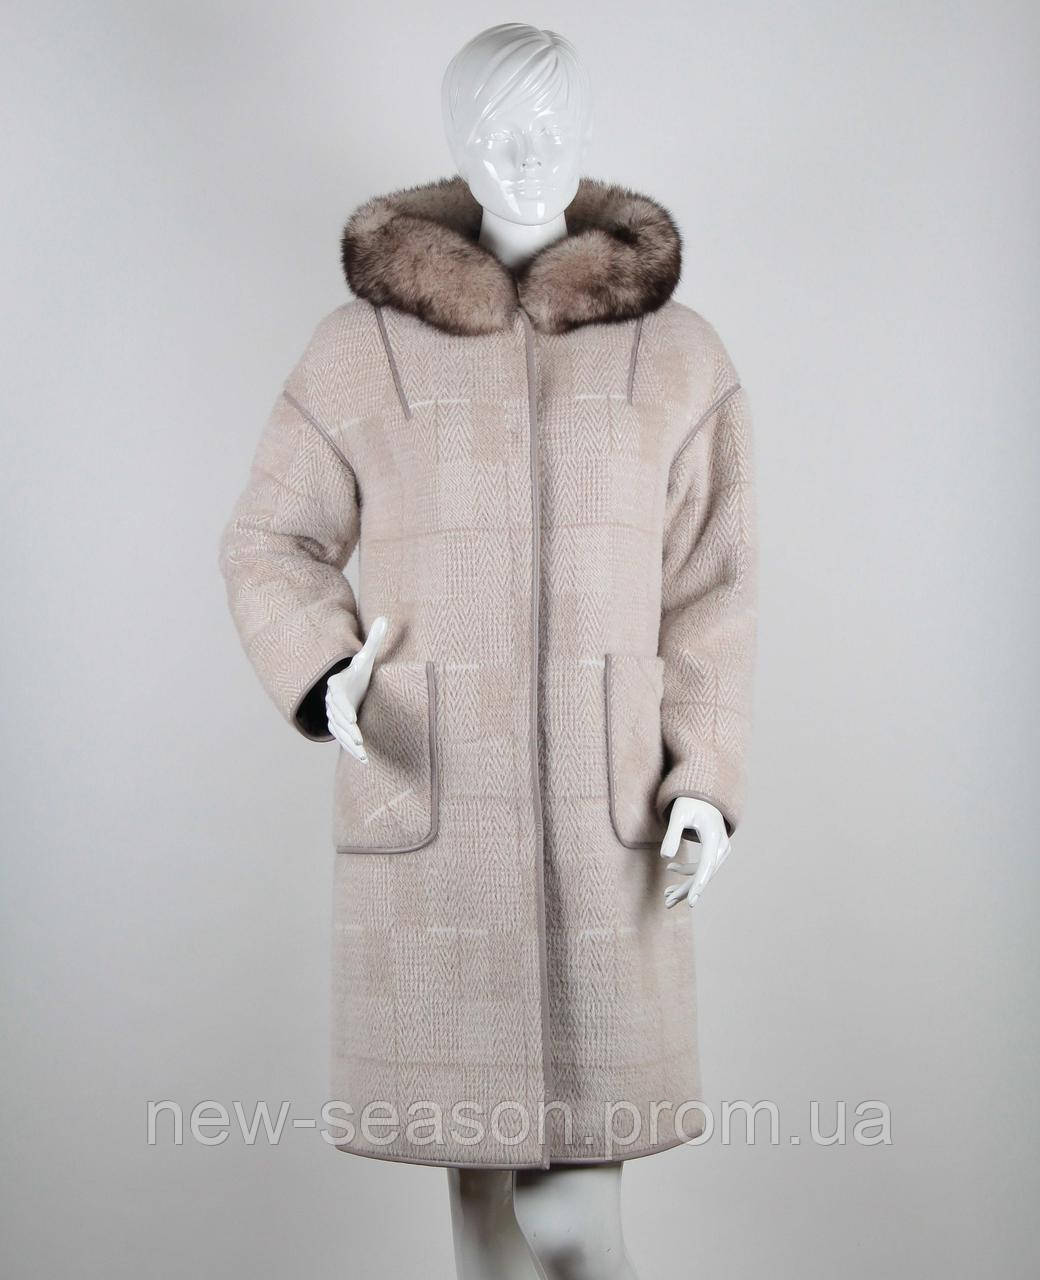 Двухстороннее зимнее шерстяное пальто LOSScidi YR970-1